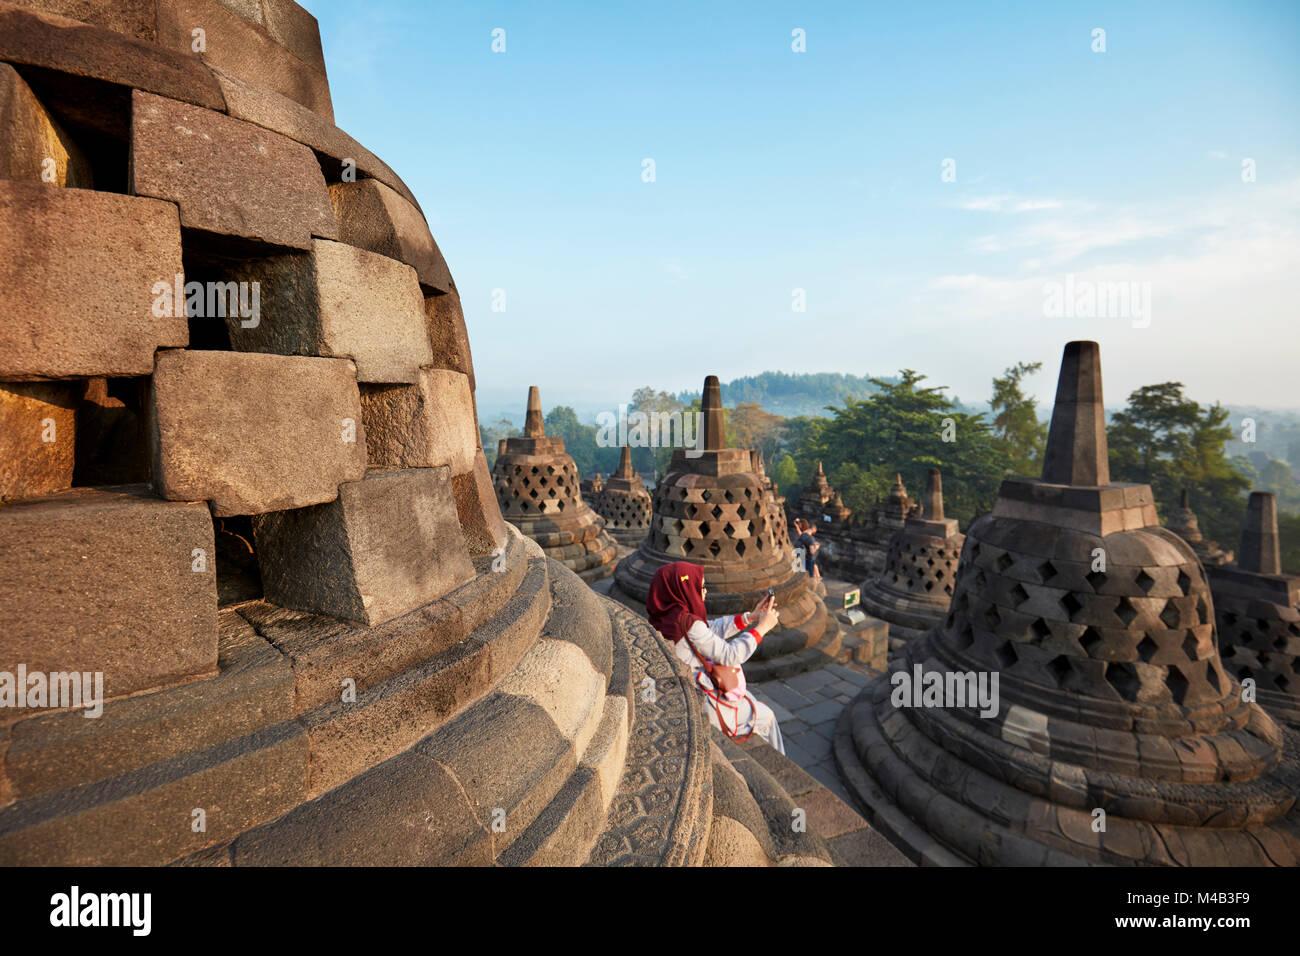 Borobudur Temple In Indonesia Stock Photos Borobudur